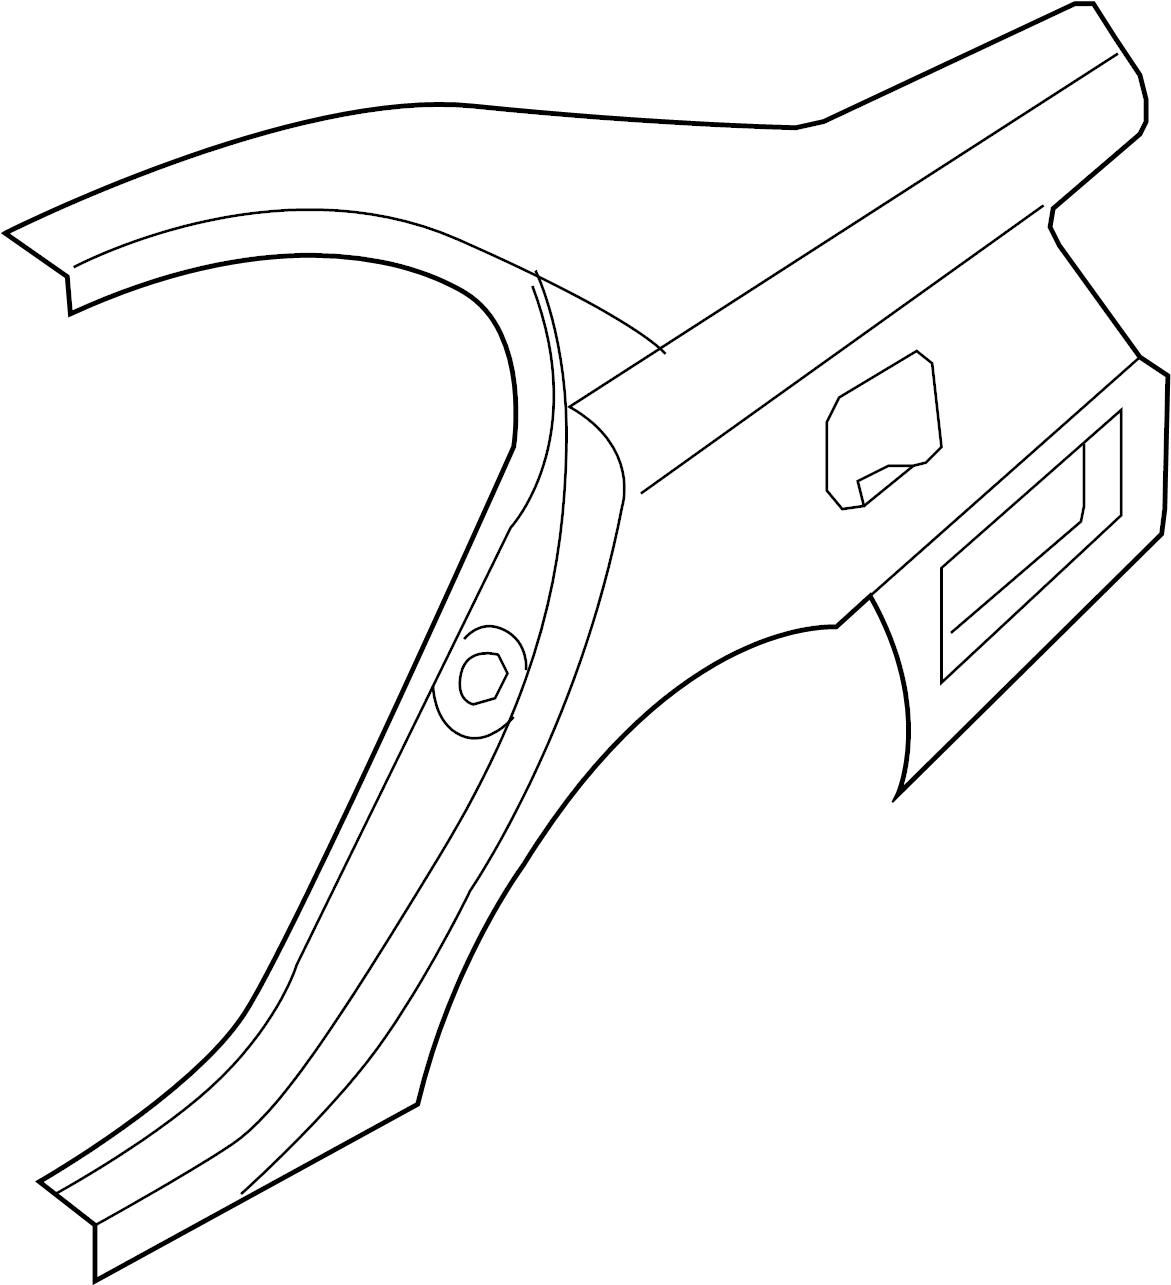 1997 Vw Jetta Wiring Diagram Engine Schematics And Wiring Diagrams